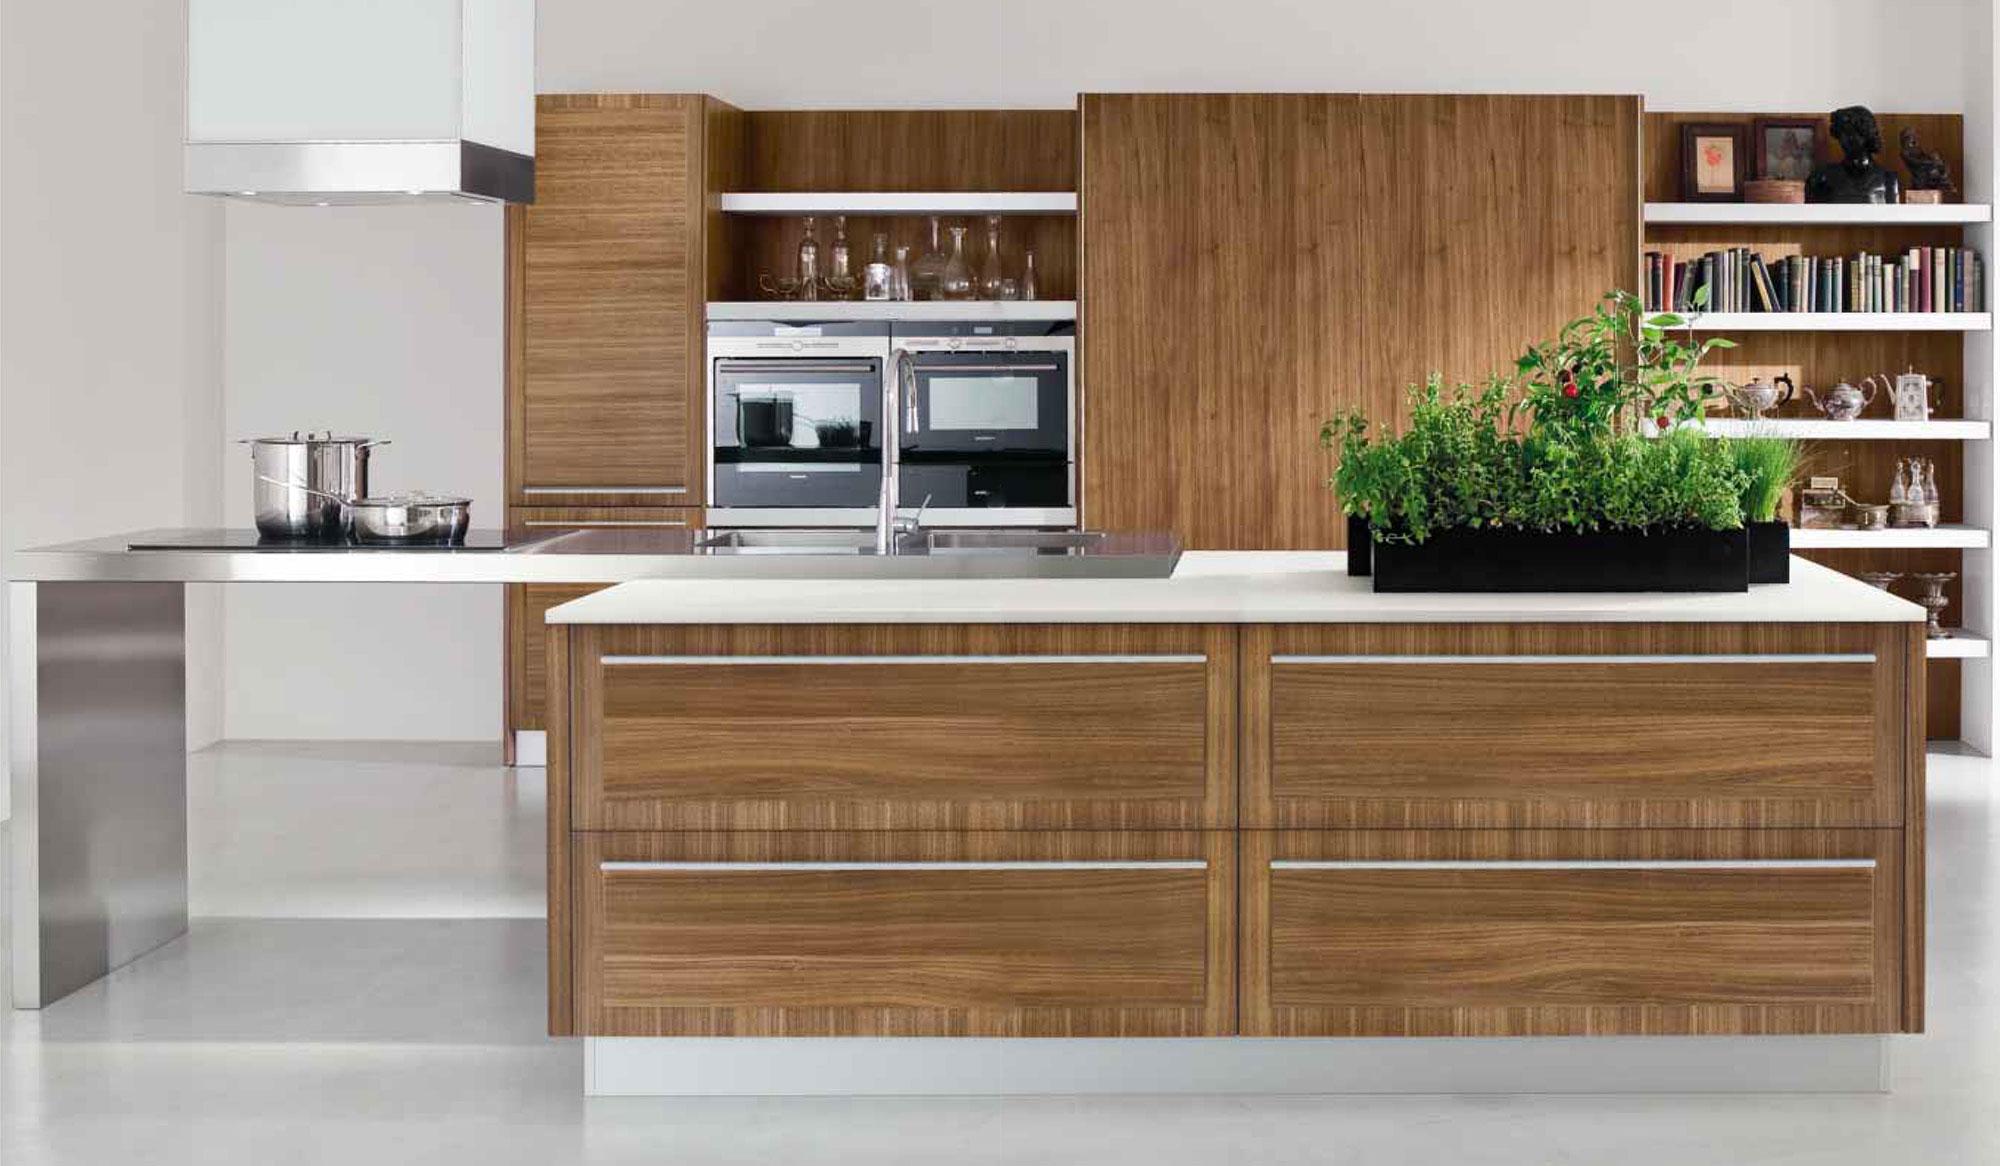 Cucine Moderne collezione Moon | Olto Arredamenti